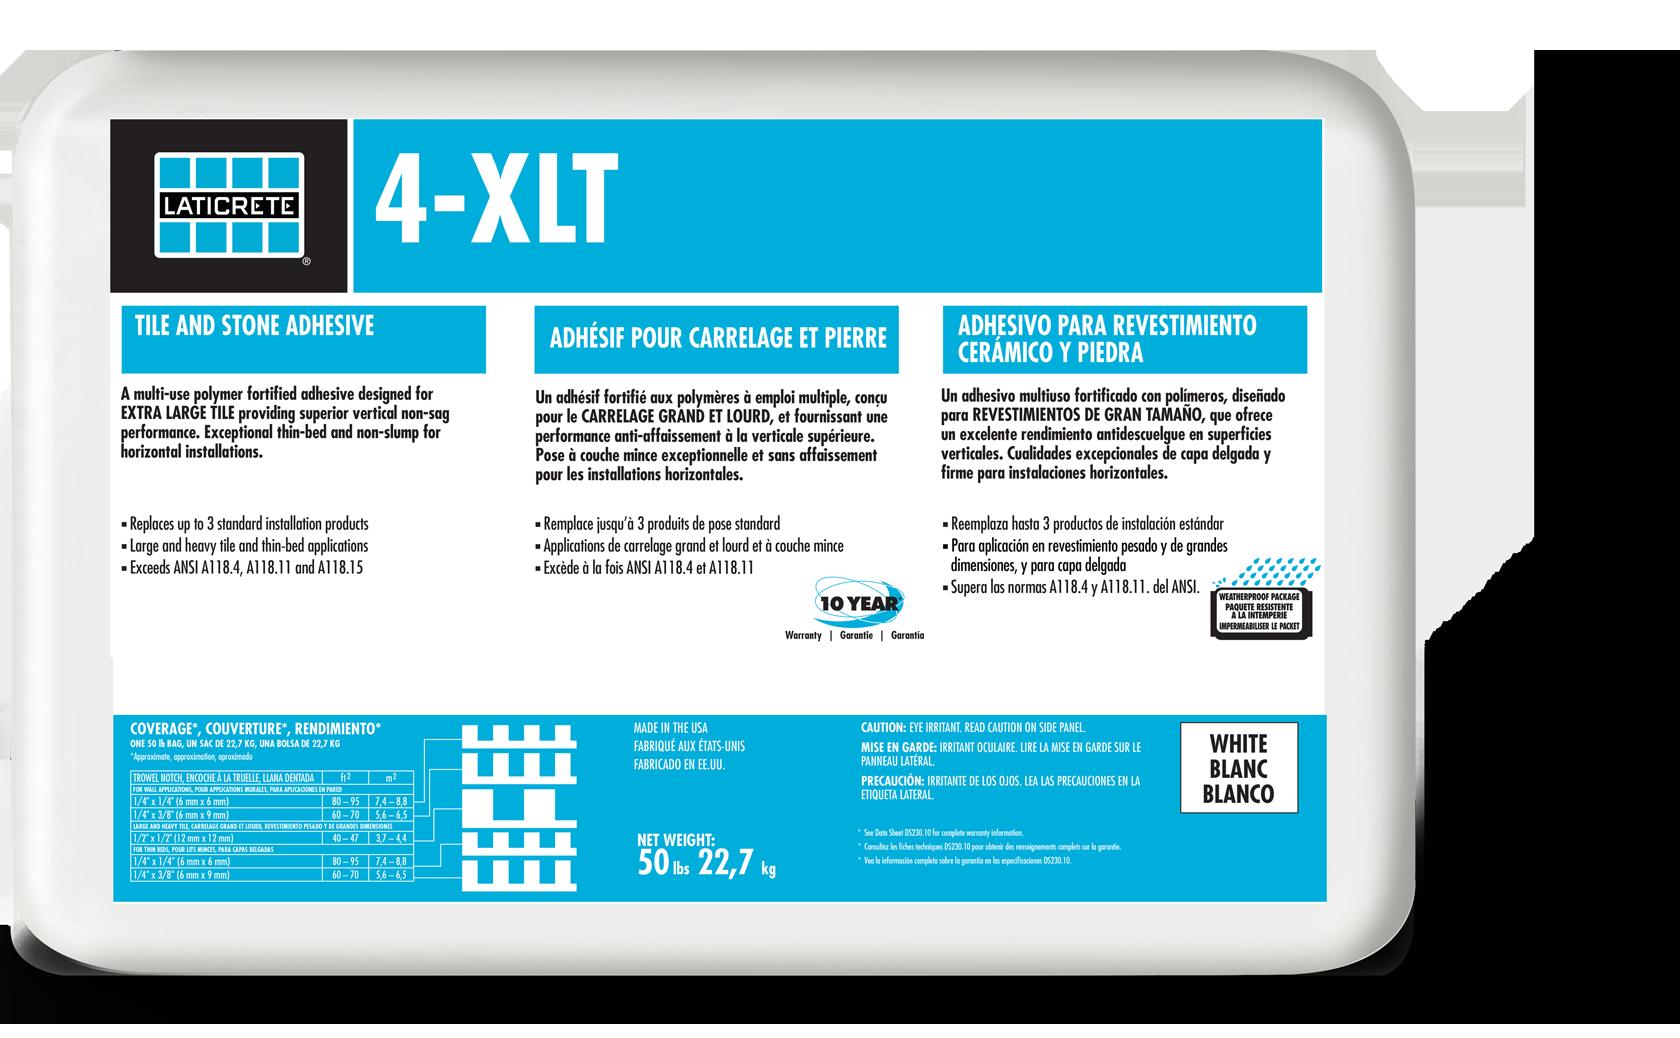 XLT LATICRETE - Acrylic tile adhesive vs thinset